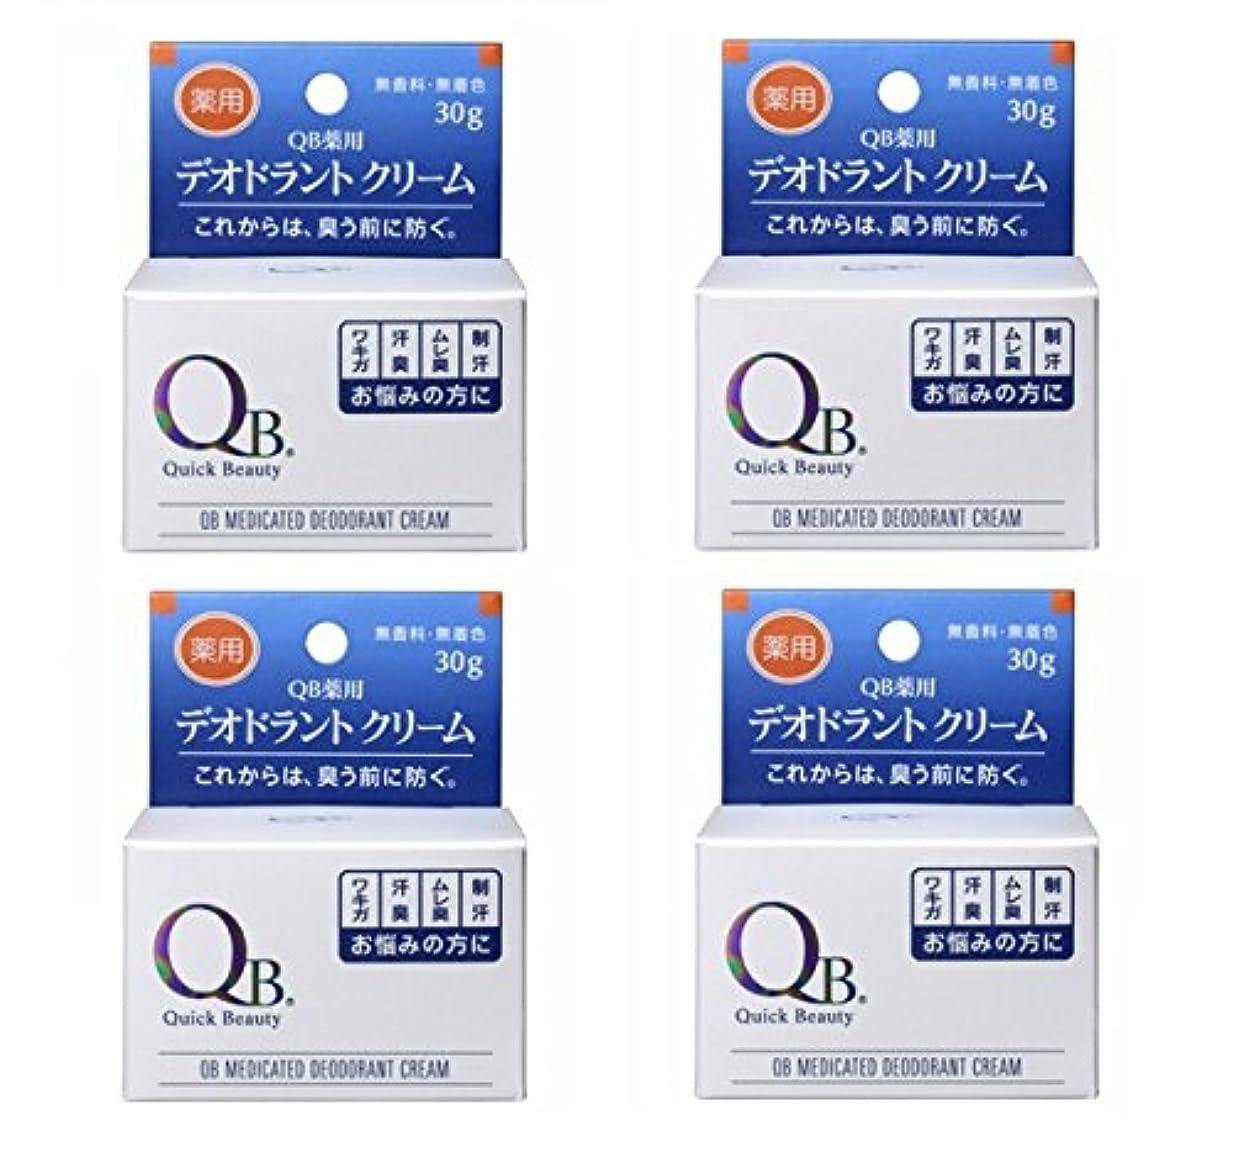 鋼等価粘性の【×4個】 QB 薬用デオドラントクリーム 30g 【国内正規品】